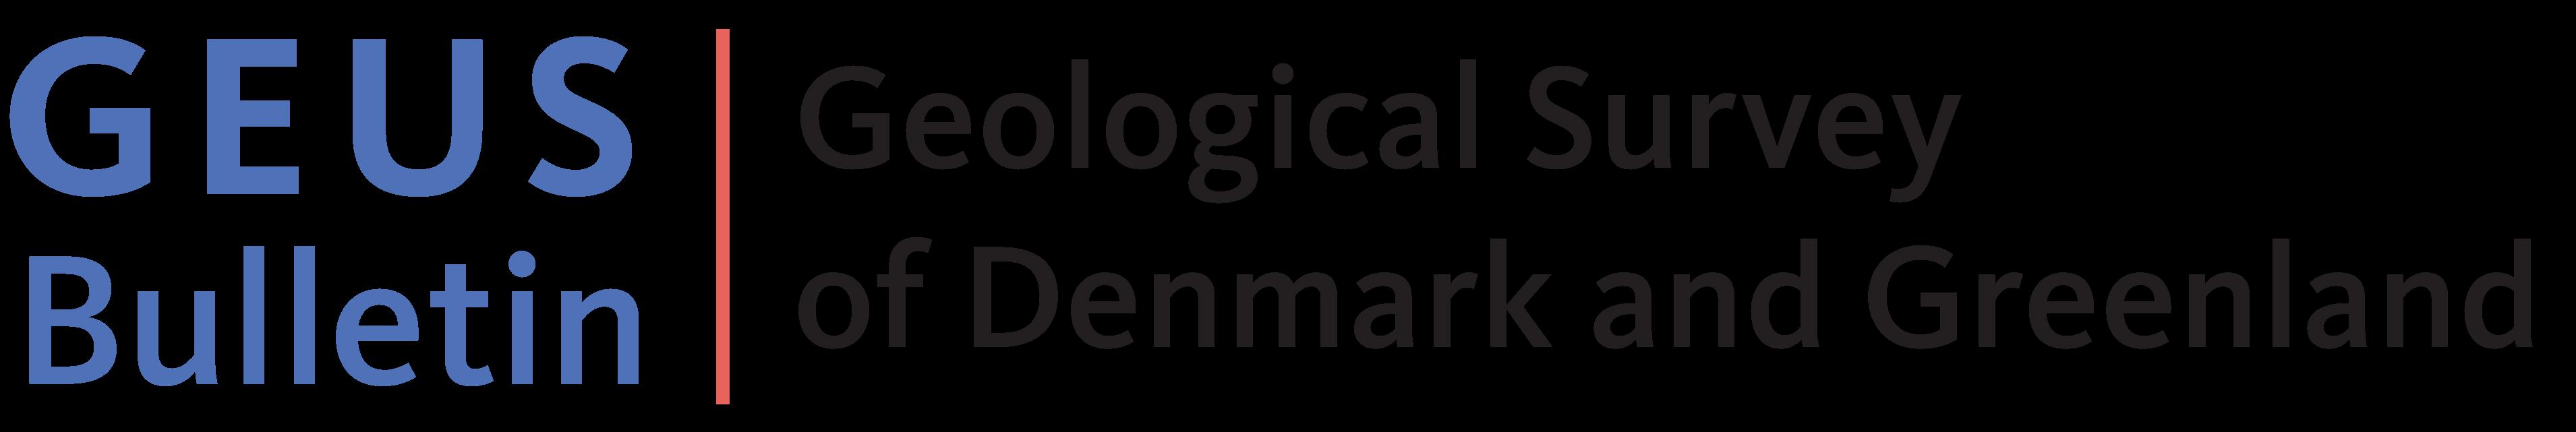 GEUS Bulletin logo